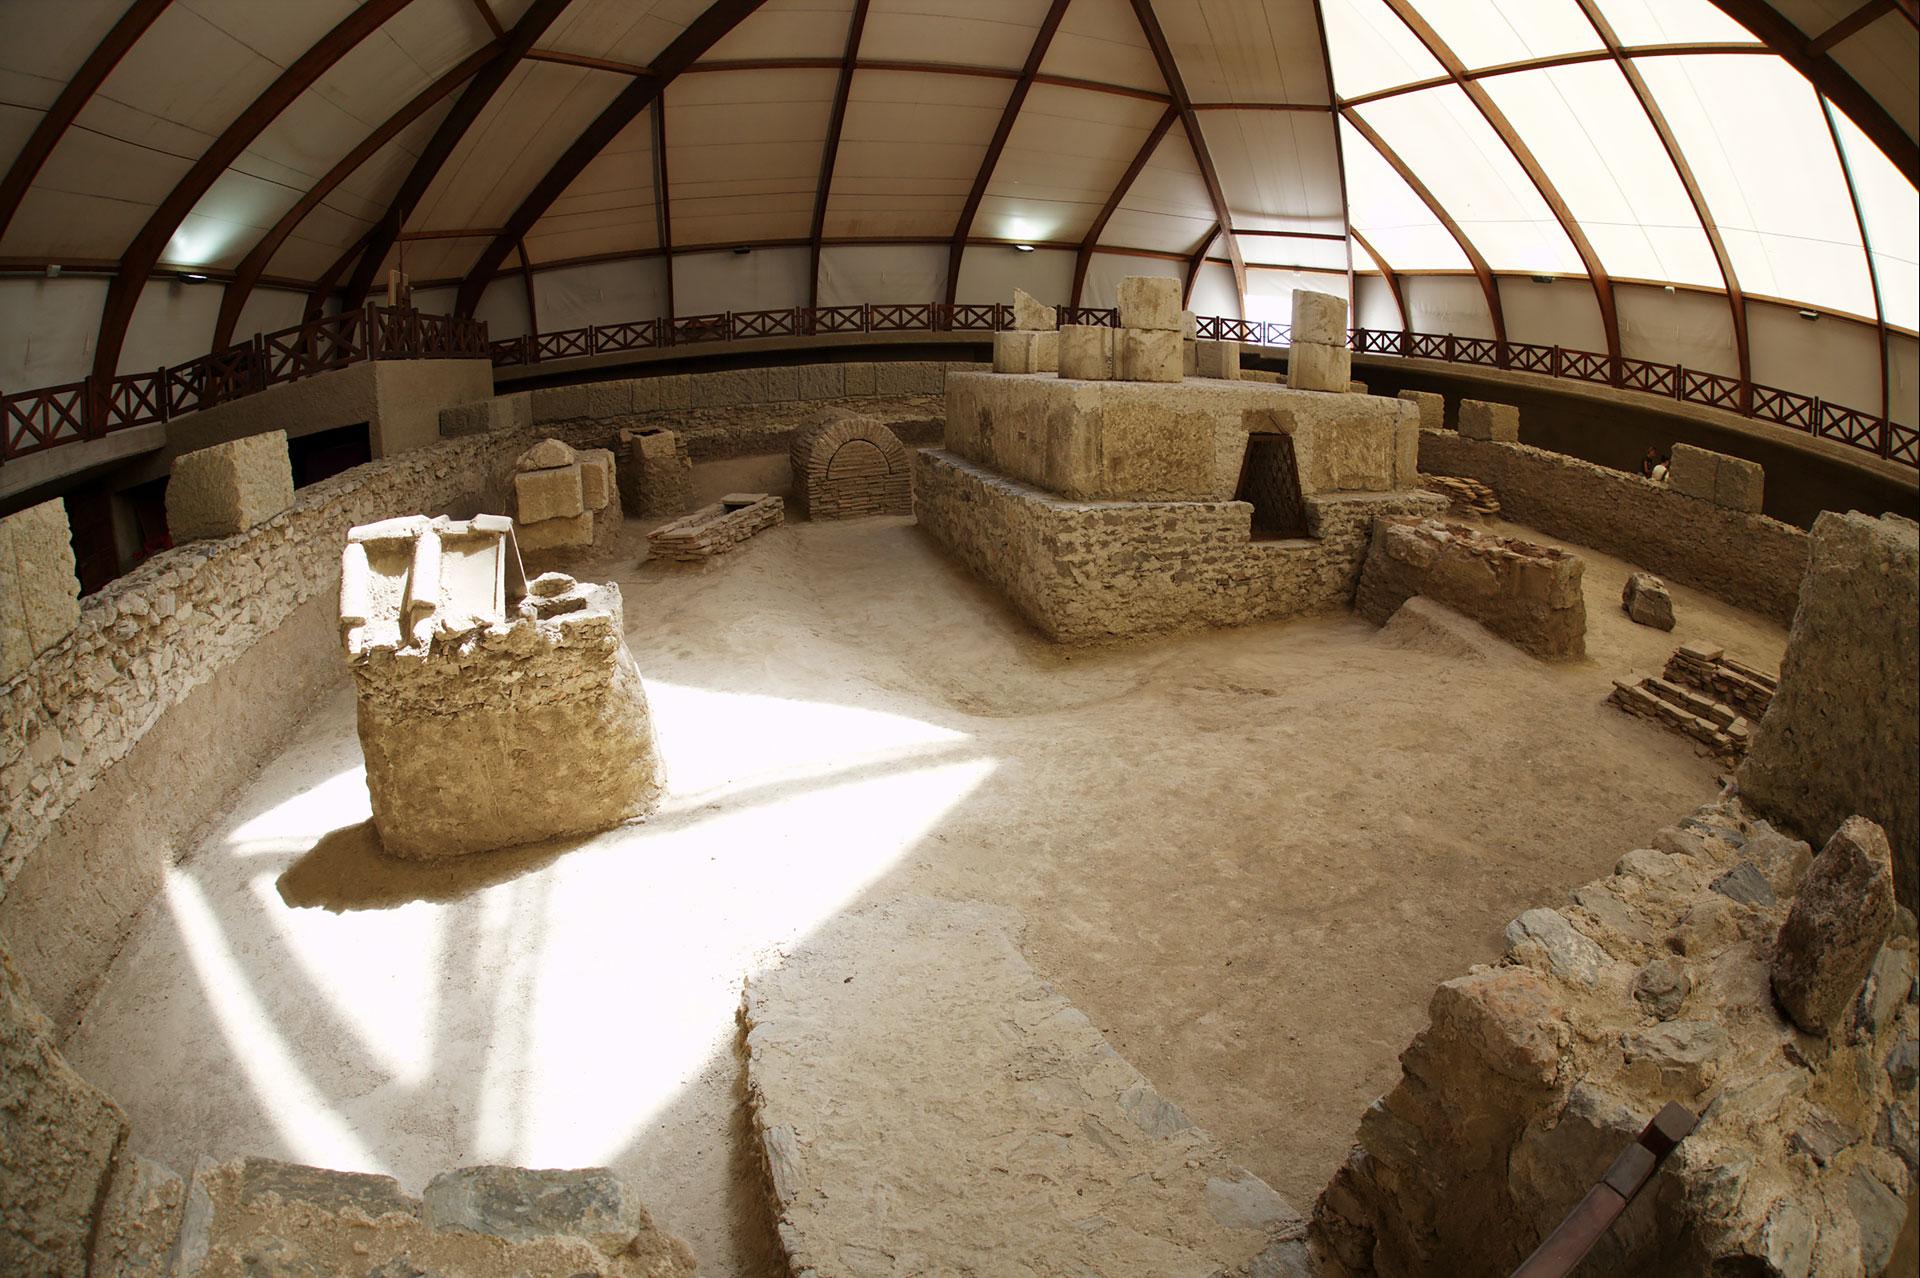 Arheološko nalazište Viminacijum, foto Branko Jovanović